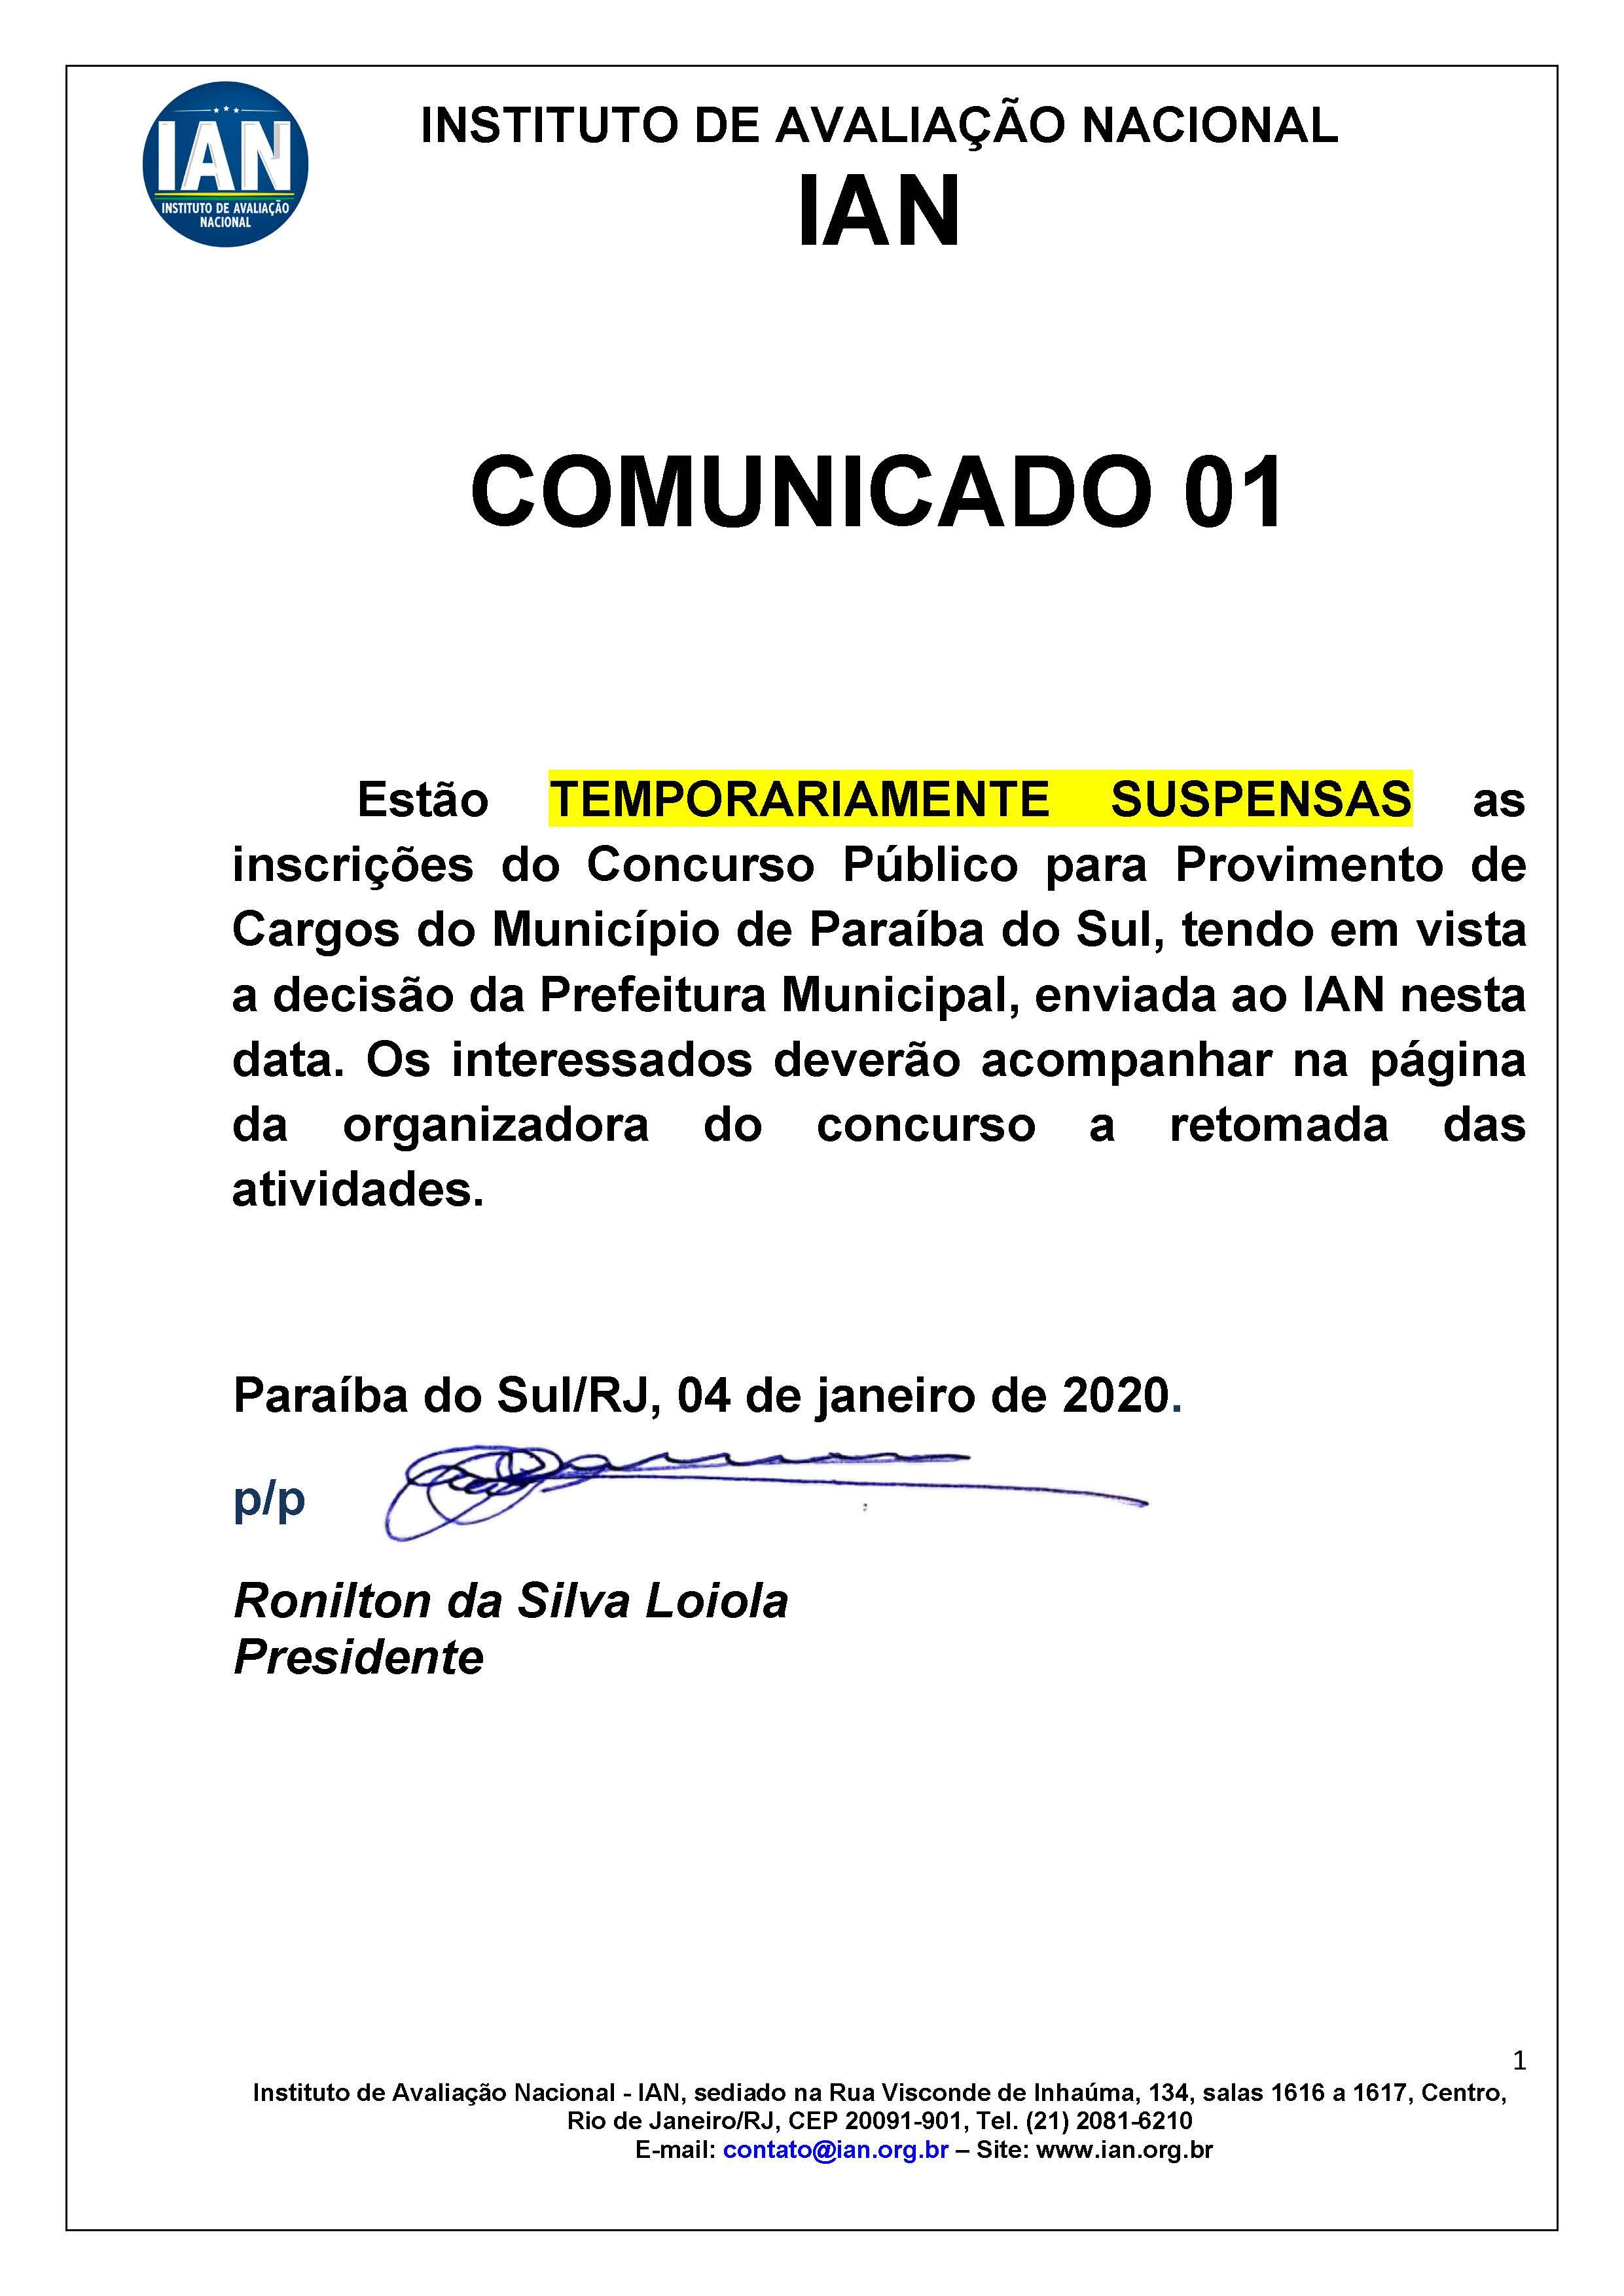 SUSPENSÃO TEMPORÁRIA INSCRIÇÕES CONCURSO PARAÍBA DO SUL